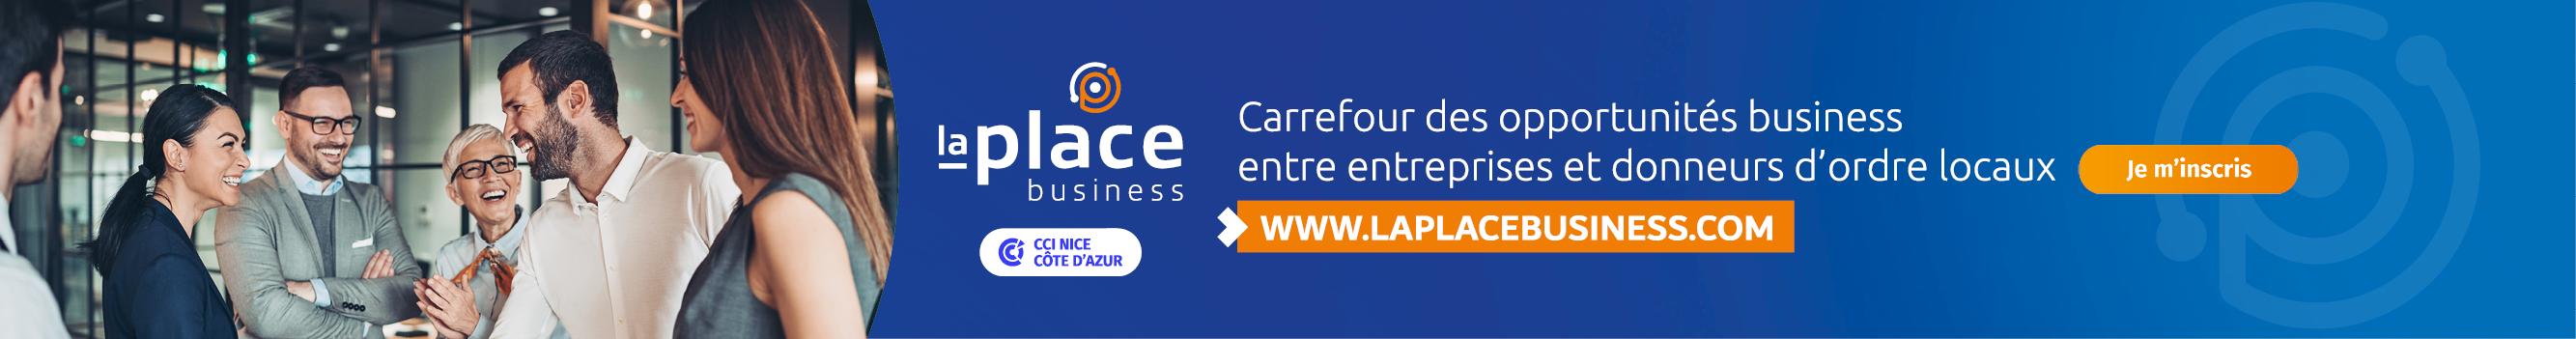 Accédez à des opportunités business avec LaPlaceBusiness.com